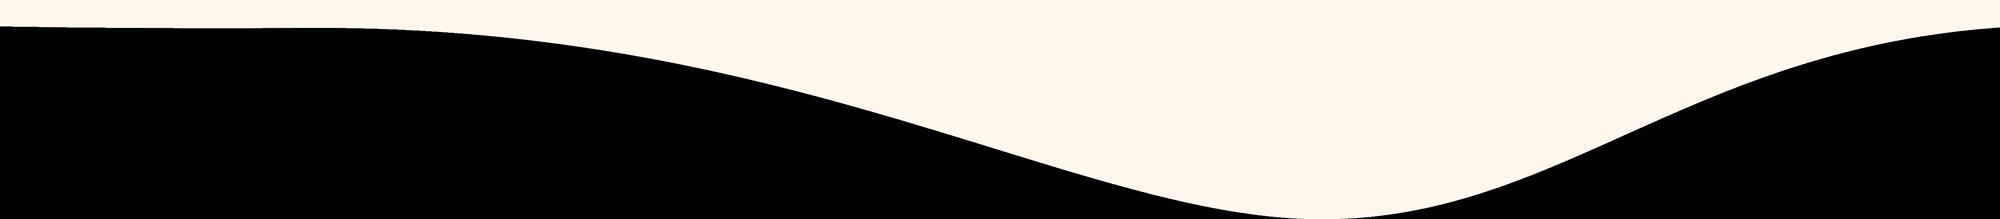 cream-wave